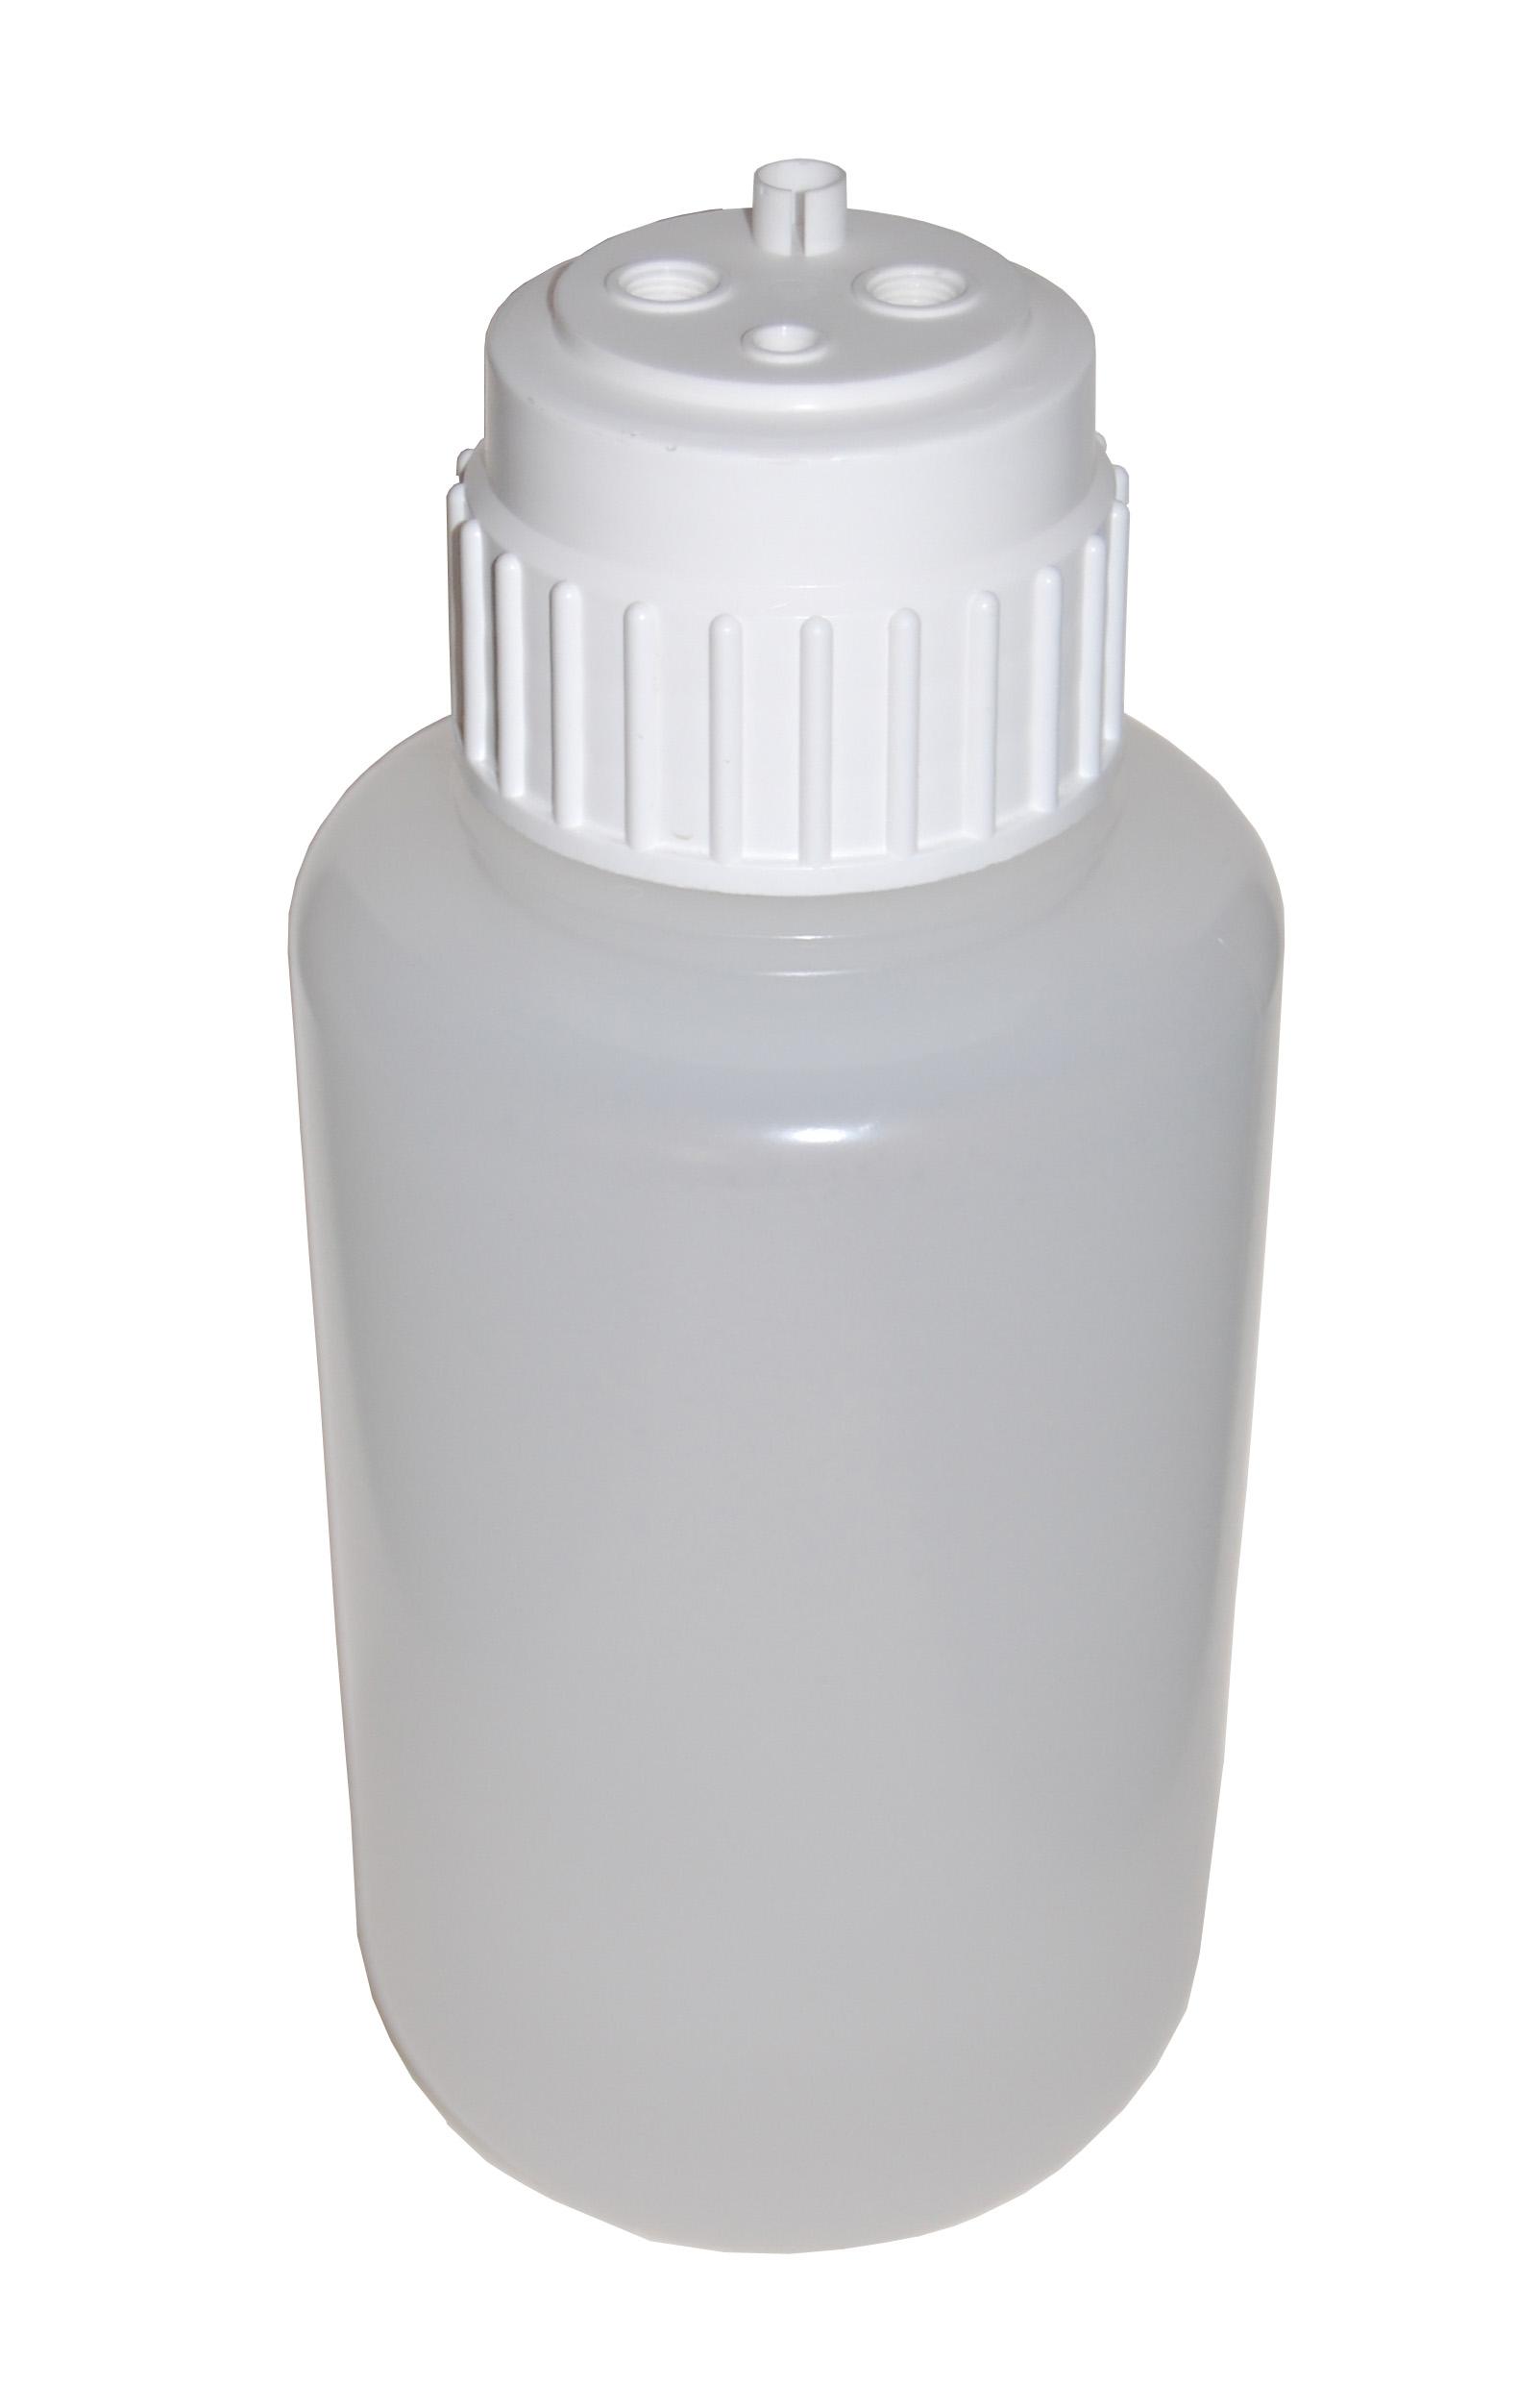 F1077411_MAIN_Bottle-4-Liter-PP-SAFE-ASPIRATION-STATION.jpg